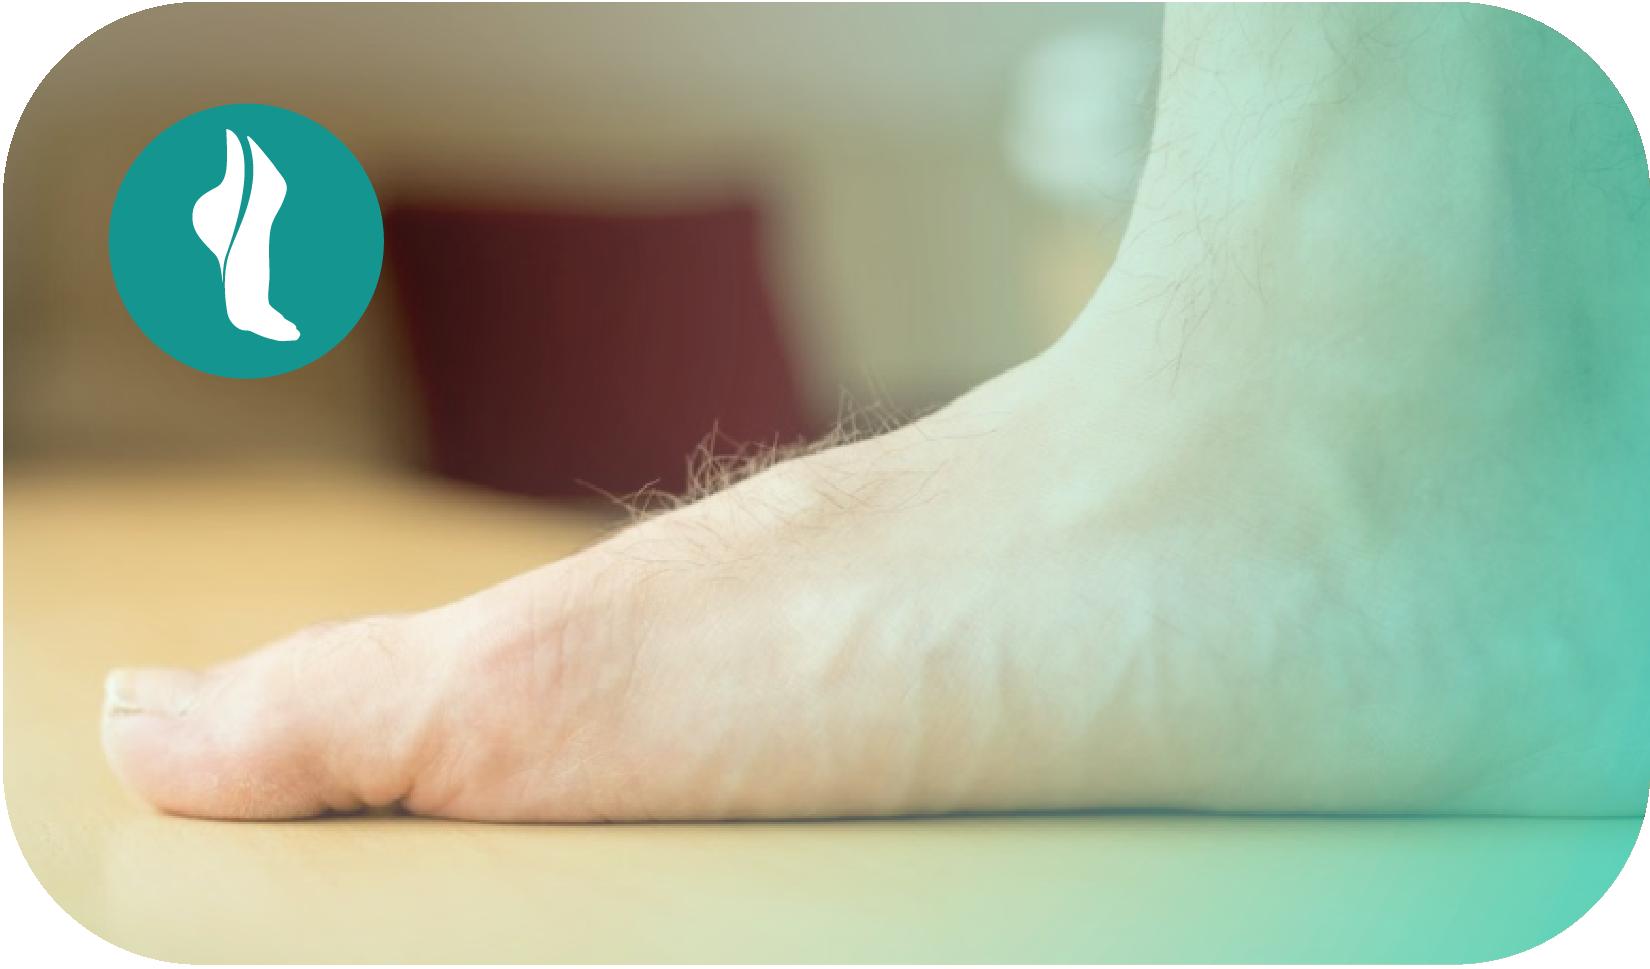 ¿Qué causa el pie plano y cómo se puede corregir?